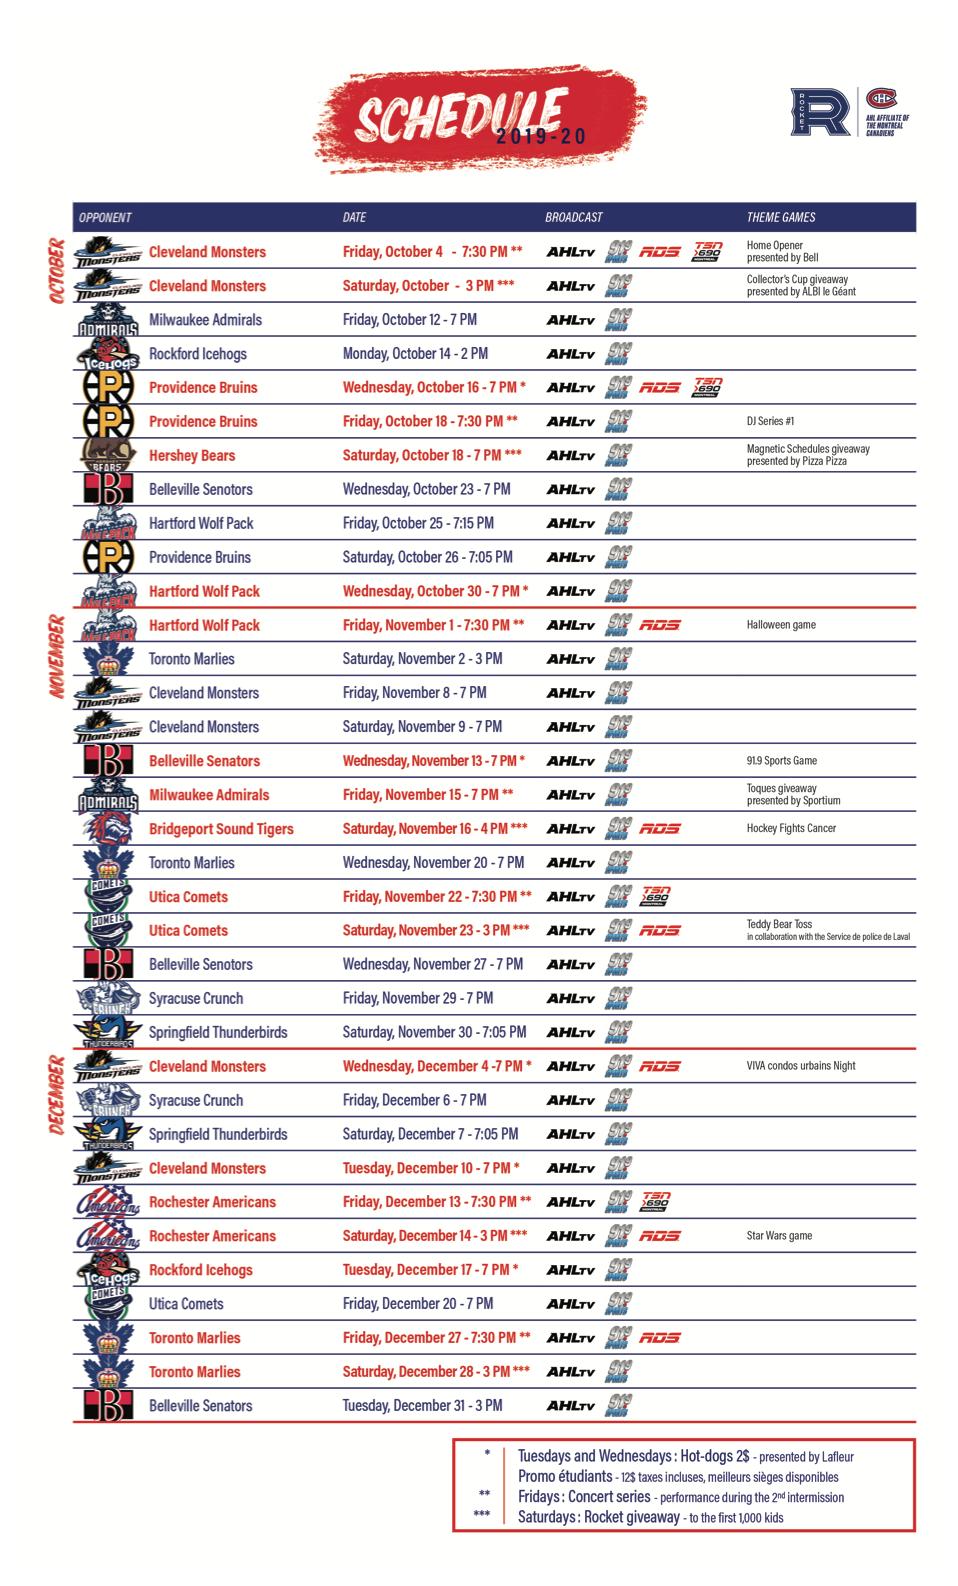 Le Rocket Annonce Le Calendrier De Diffusion Des Matchs Pour La Saison 2019 2020 Rocket Laval